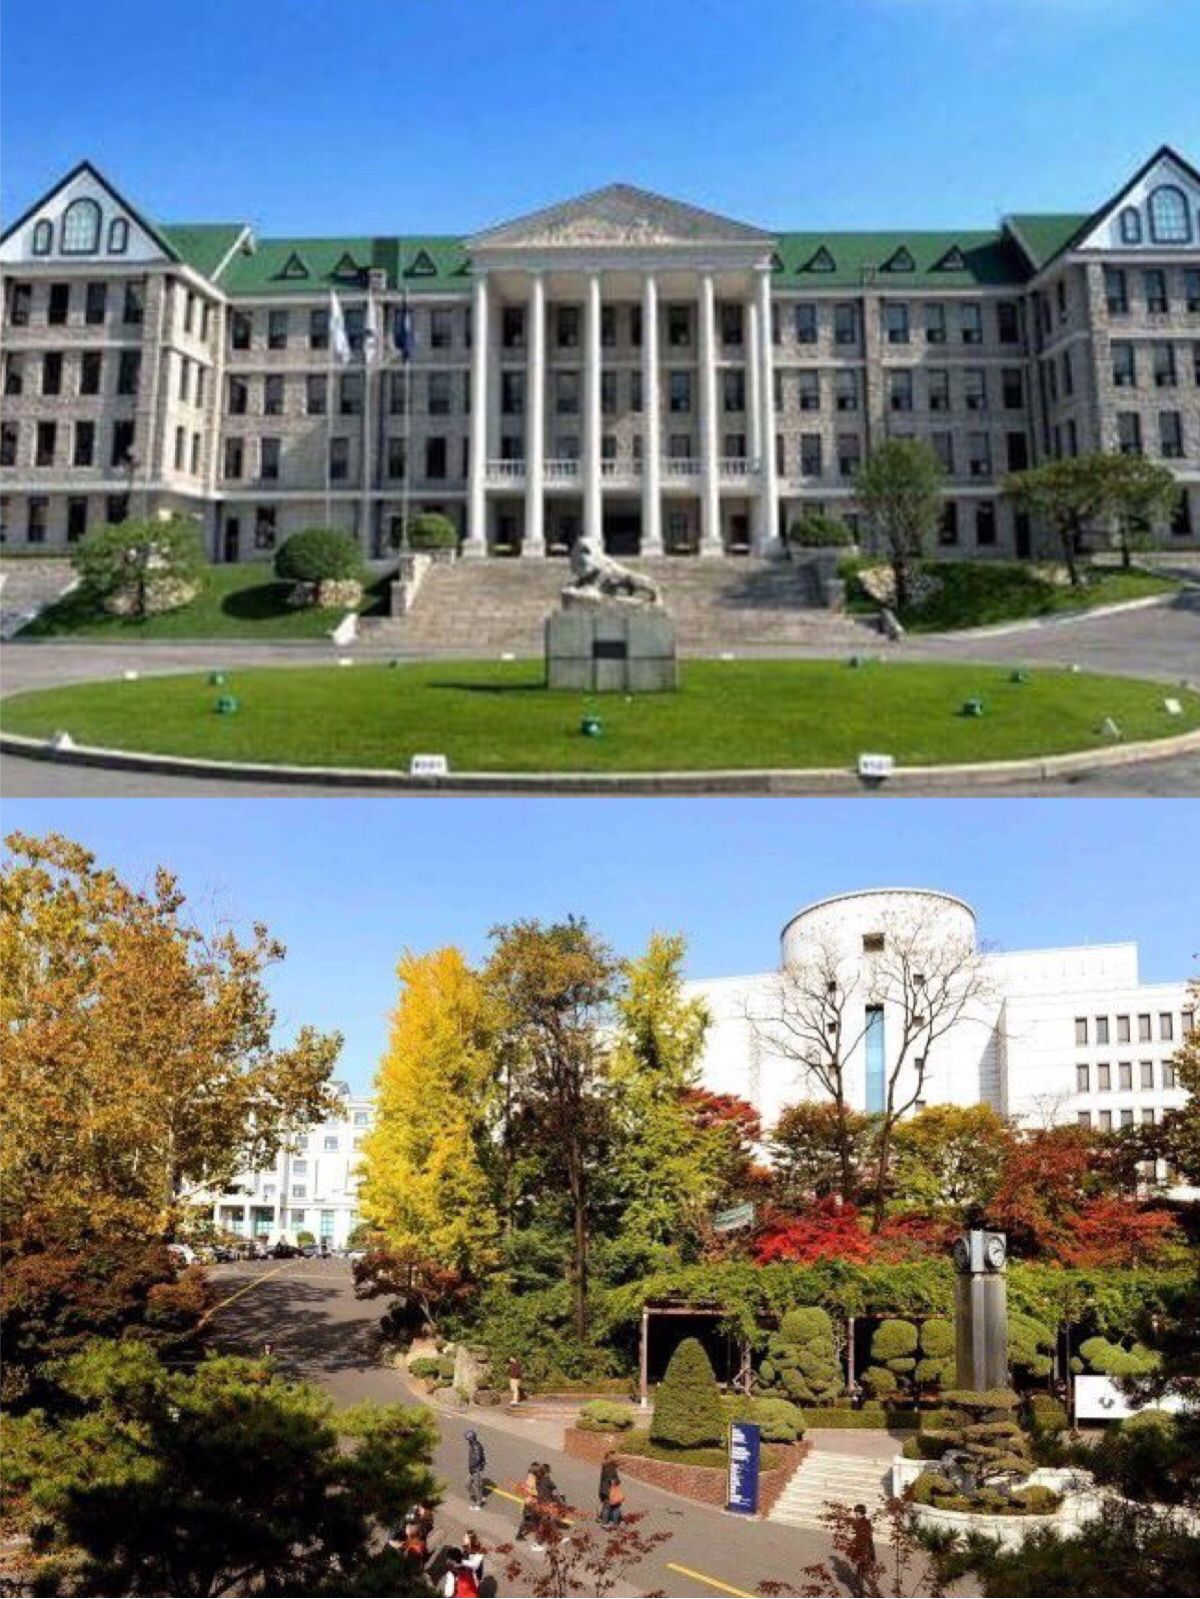 """校徽 汉阳大学的校徽设计为圆形,体现了为了全球化的进一步飞跃,将汉阳人的意志以圆形的形象化。上方英文""""HANYANG UNIVERSTY""""字样,象征着向着世界和未来前进的令人炫目的学校的进取气质和反映了世界的汉阳。 中间的韩文""""""""字样,象征着""""最棒""""和""""最大""""的""""""""字的轮廓,也是汉阳的最早的徽章缩小版,象征着汉阳徽章的代表性和意义以及建校以来,绵绵不断地汉阳的精神和坚实的基盘。标志"""